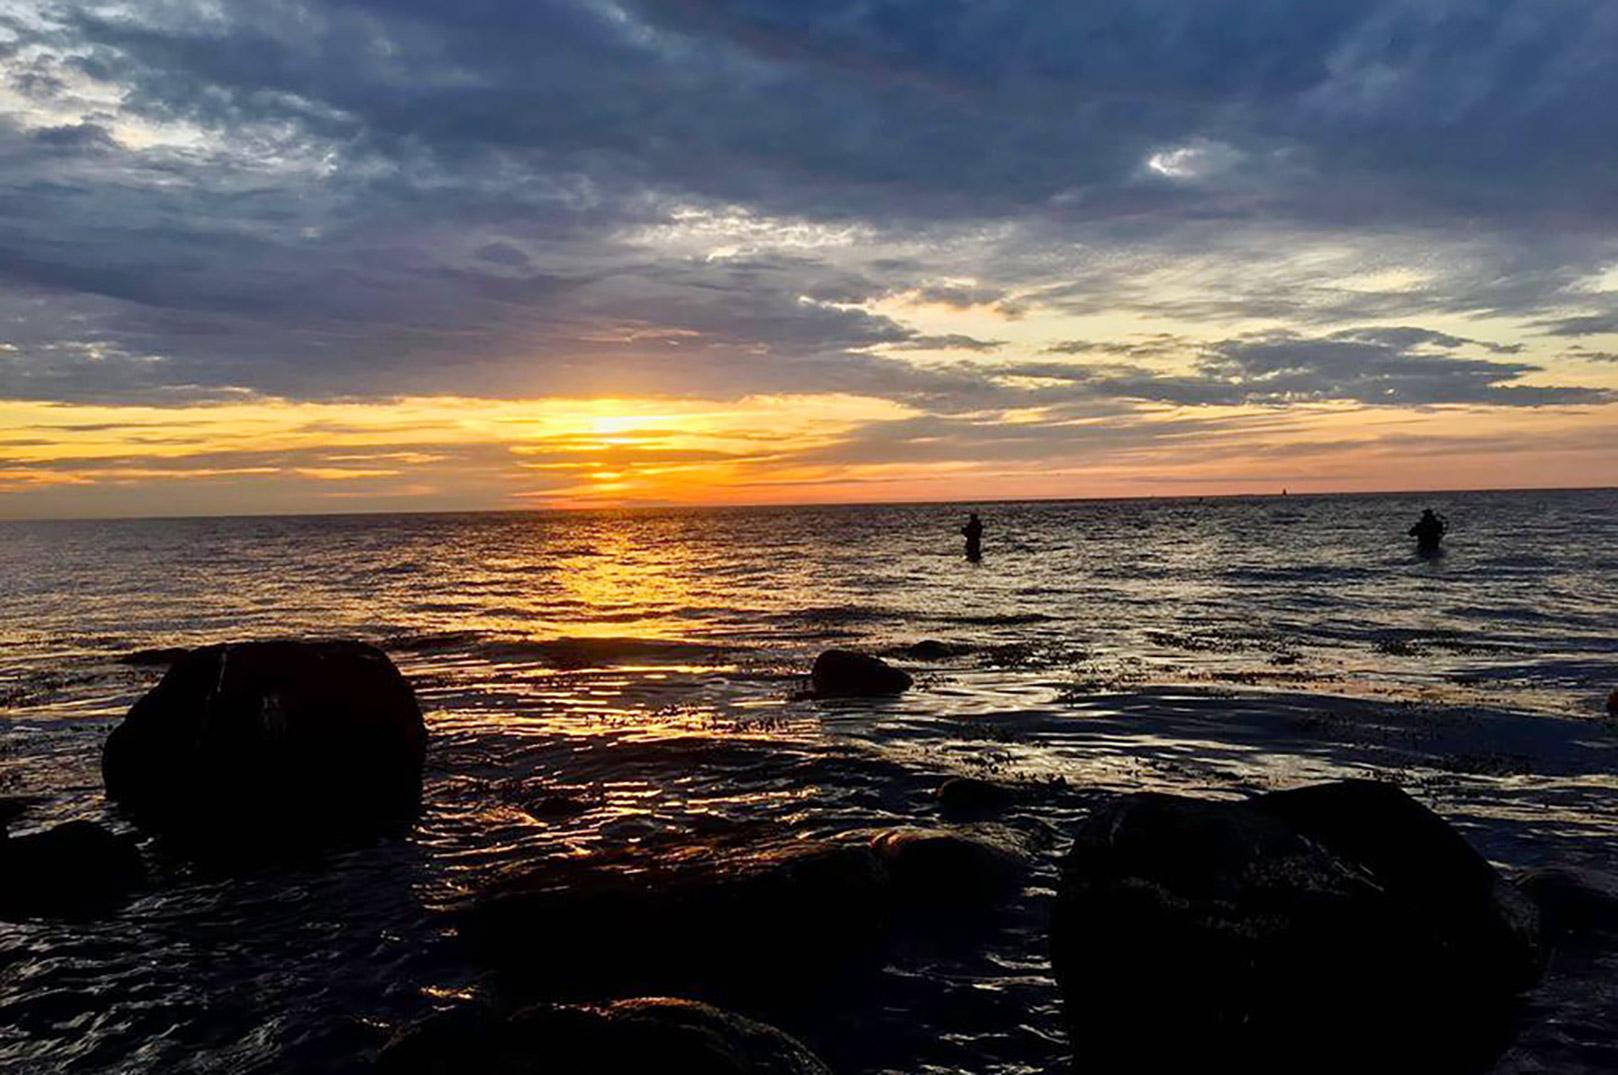 Solnedgang ved Sjællands Odde